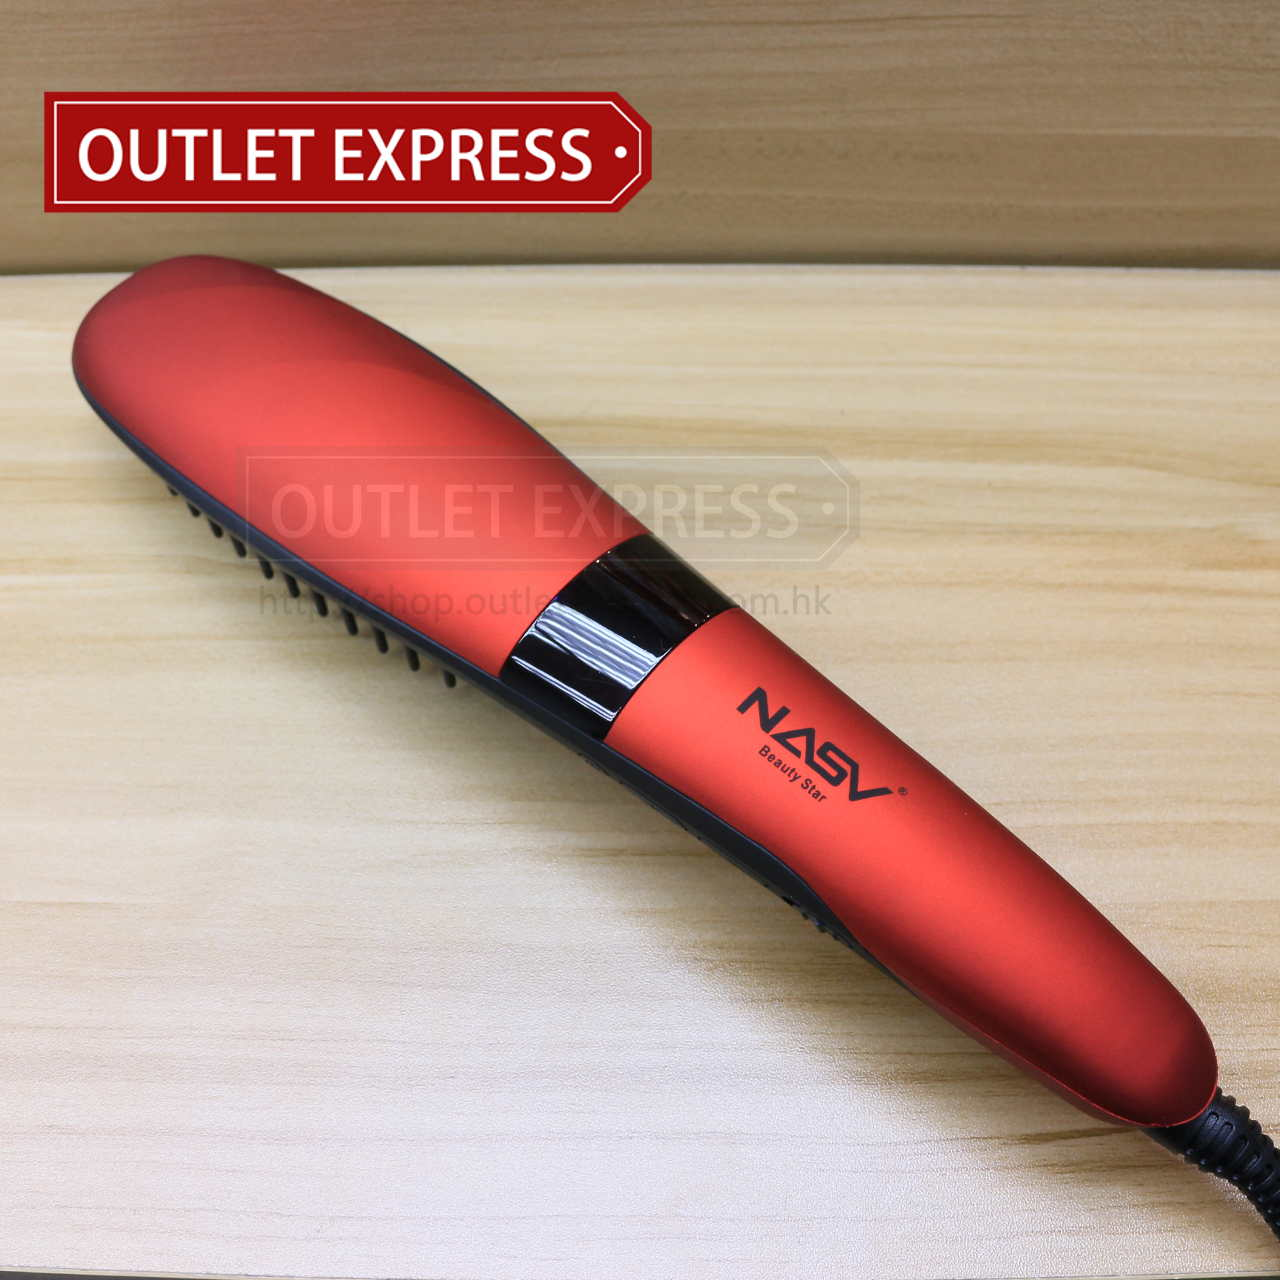 NASV-300 負離子直髮梳 紅色 - Outlet Express HK 生活百貨城實拍相片